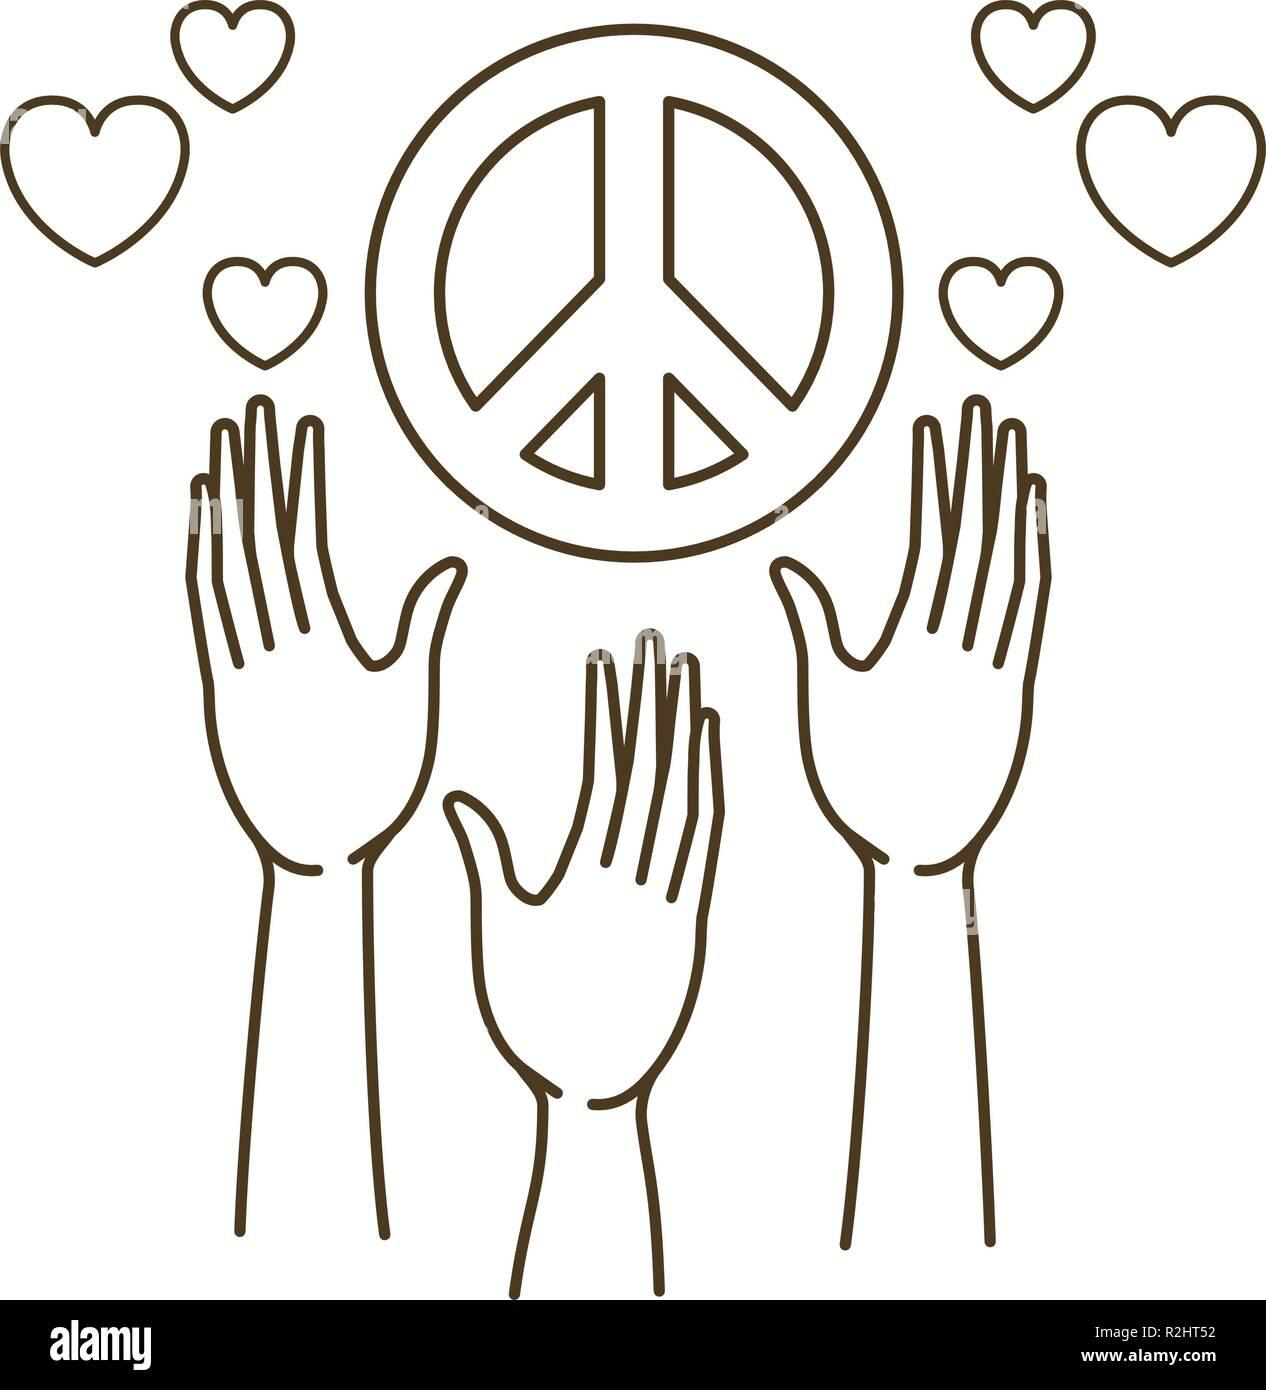 Le mani la ricezione di simbolo di amore e di pace Immagini Stock